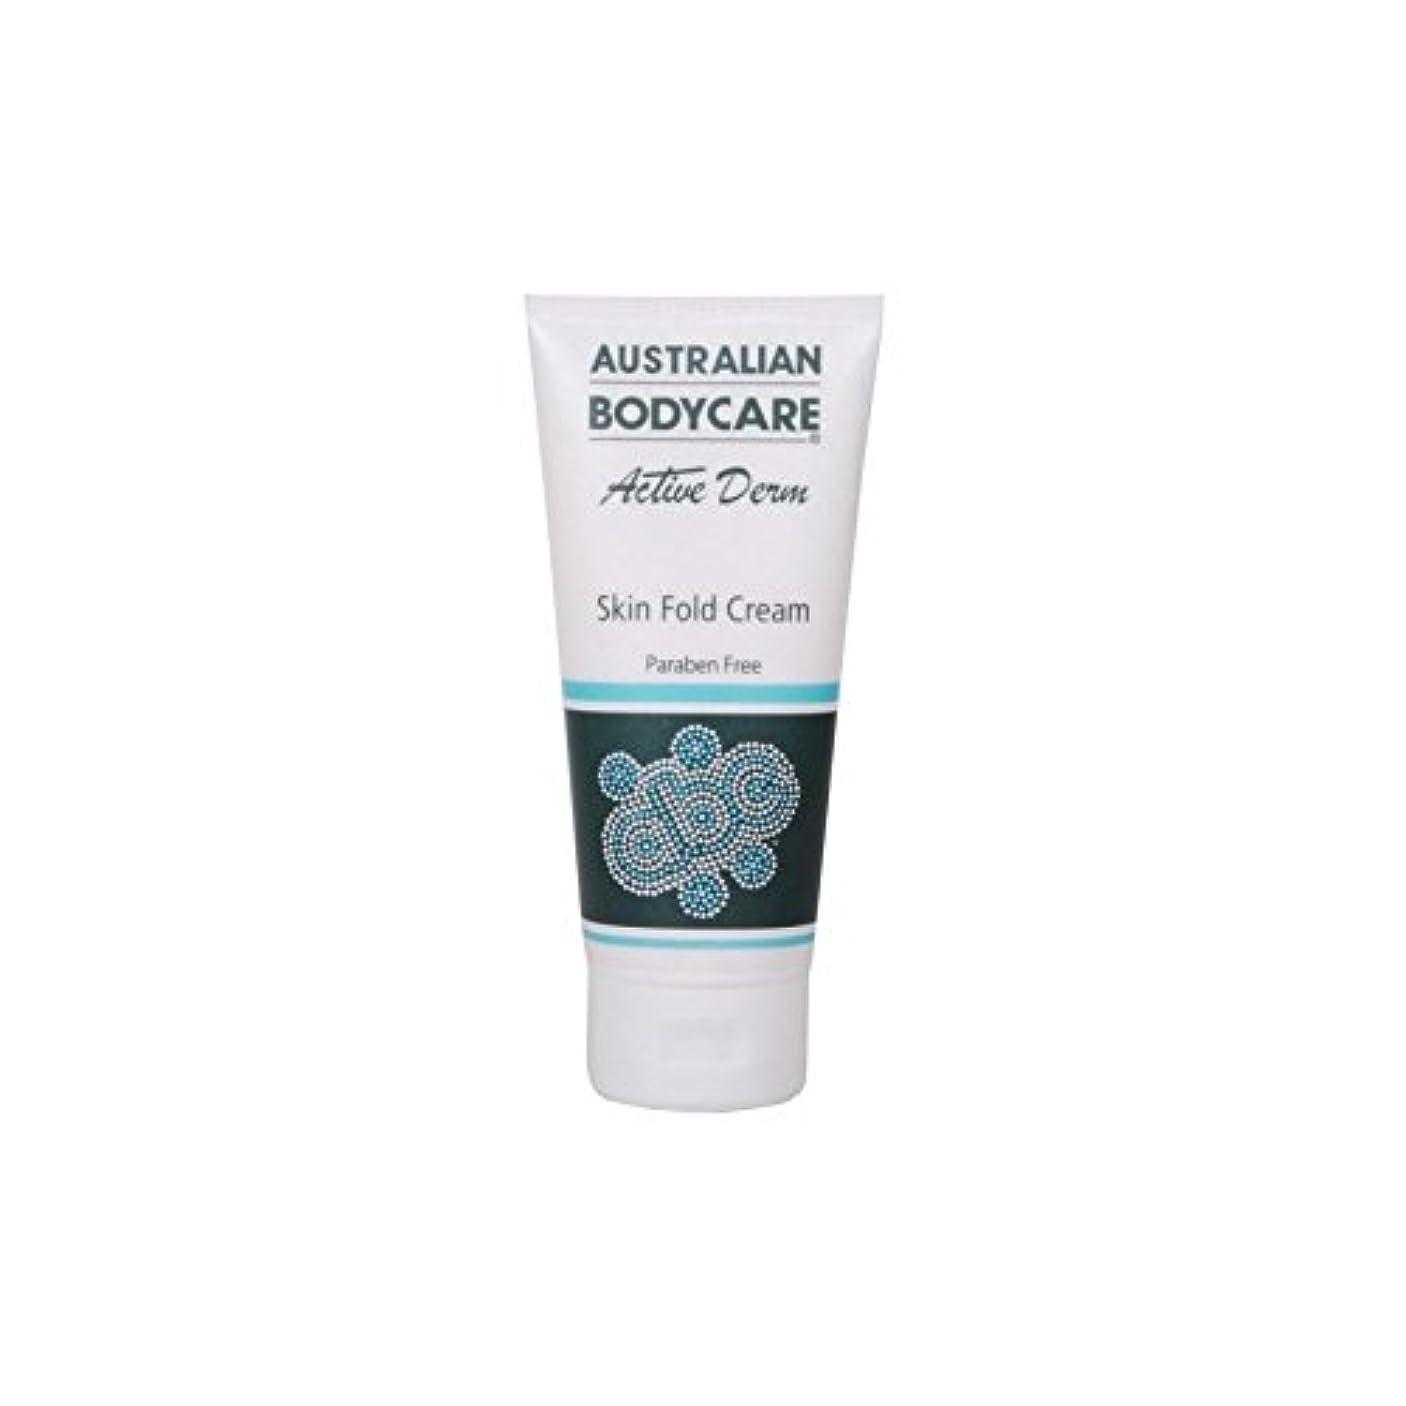 脅威脇に仲良しAustralian Bodycare Active Derm Skin Fold Cream (100ml) (Pack of 6) - オーストラリアのボディケアアクティブダーム皮膚のひだクリーム(100ミリリットル...